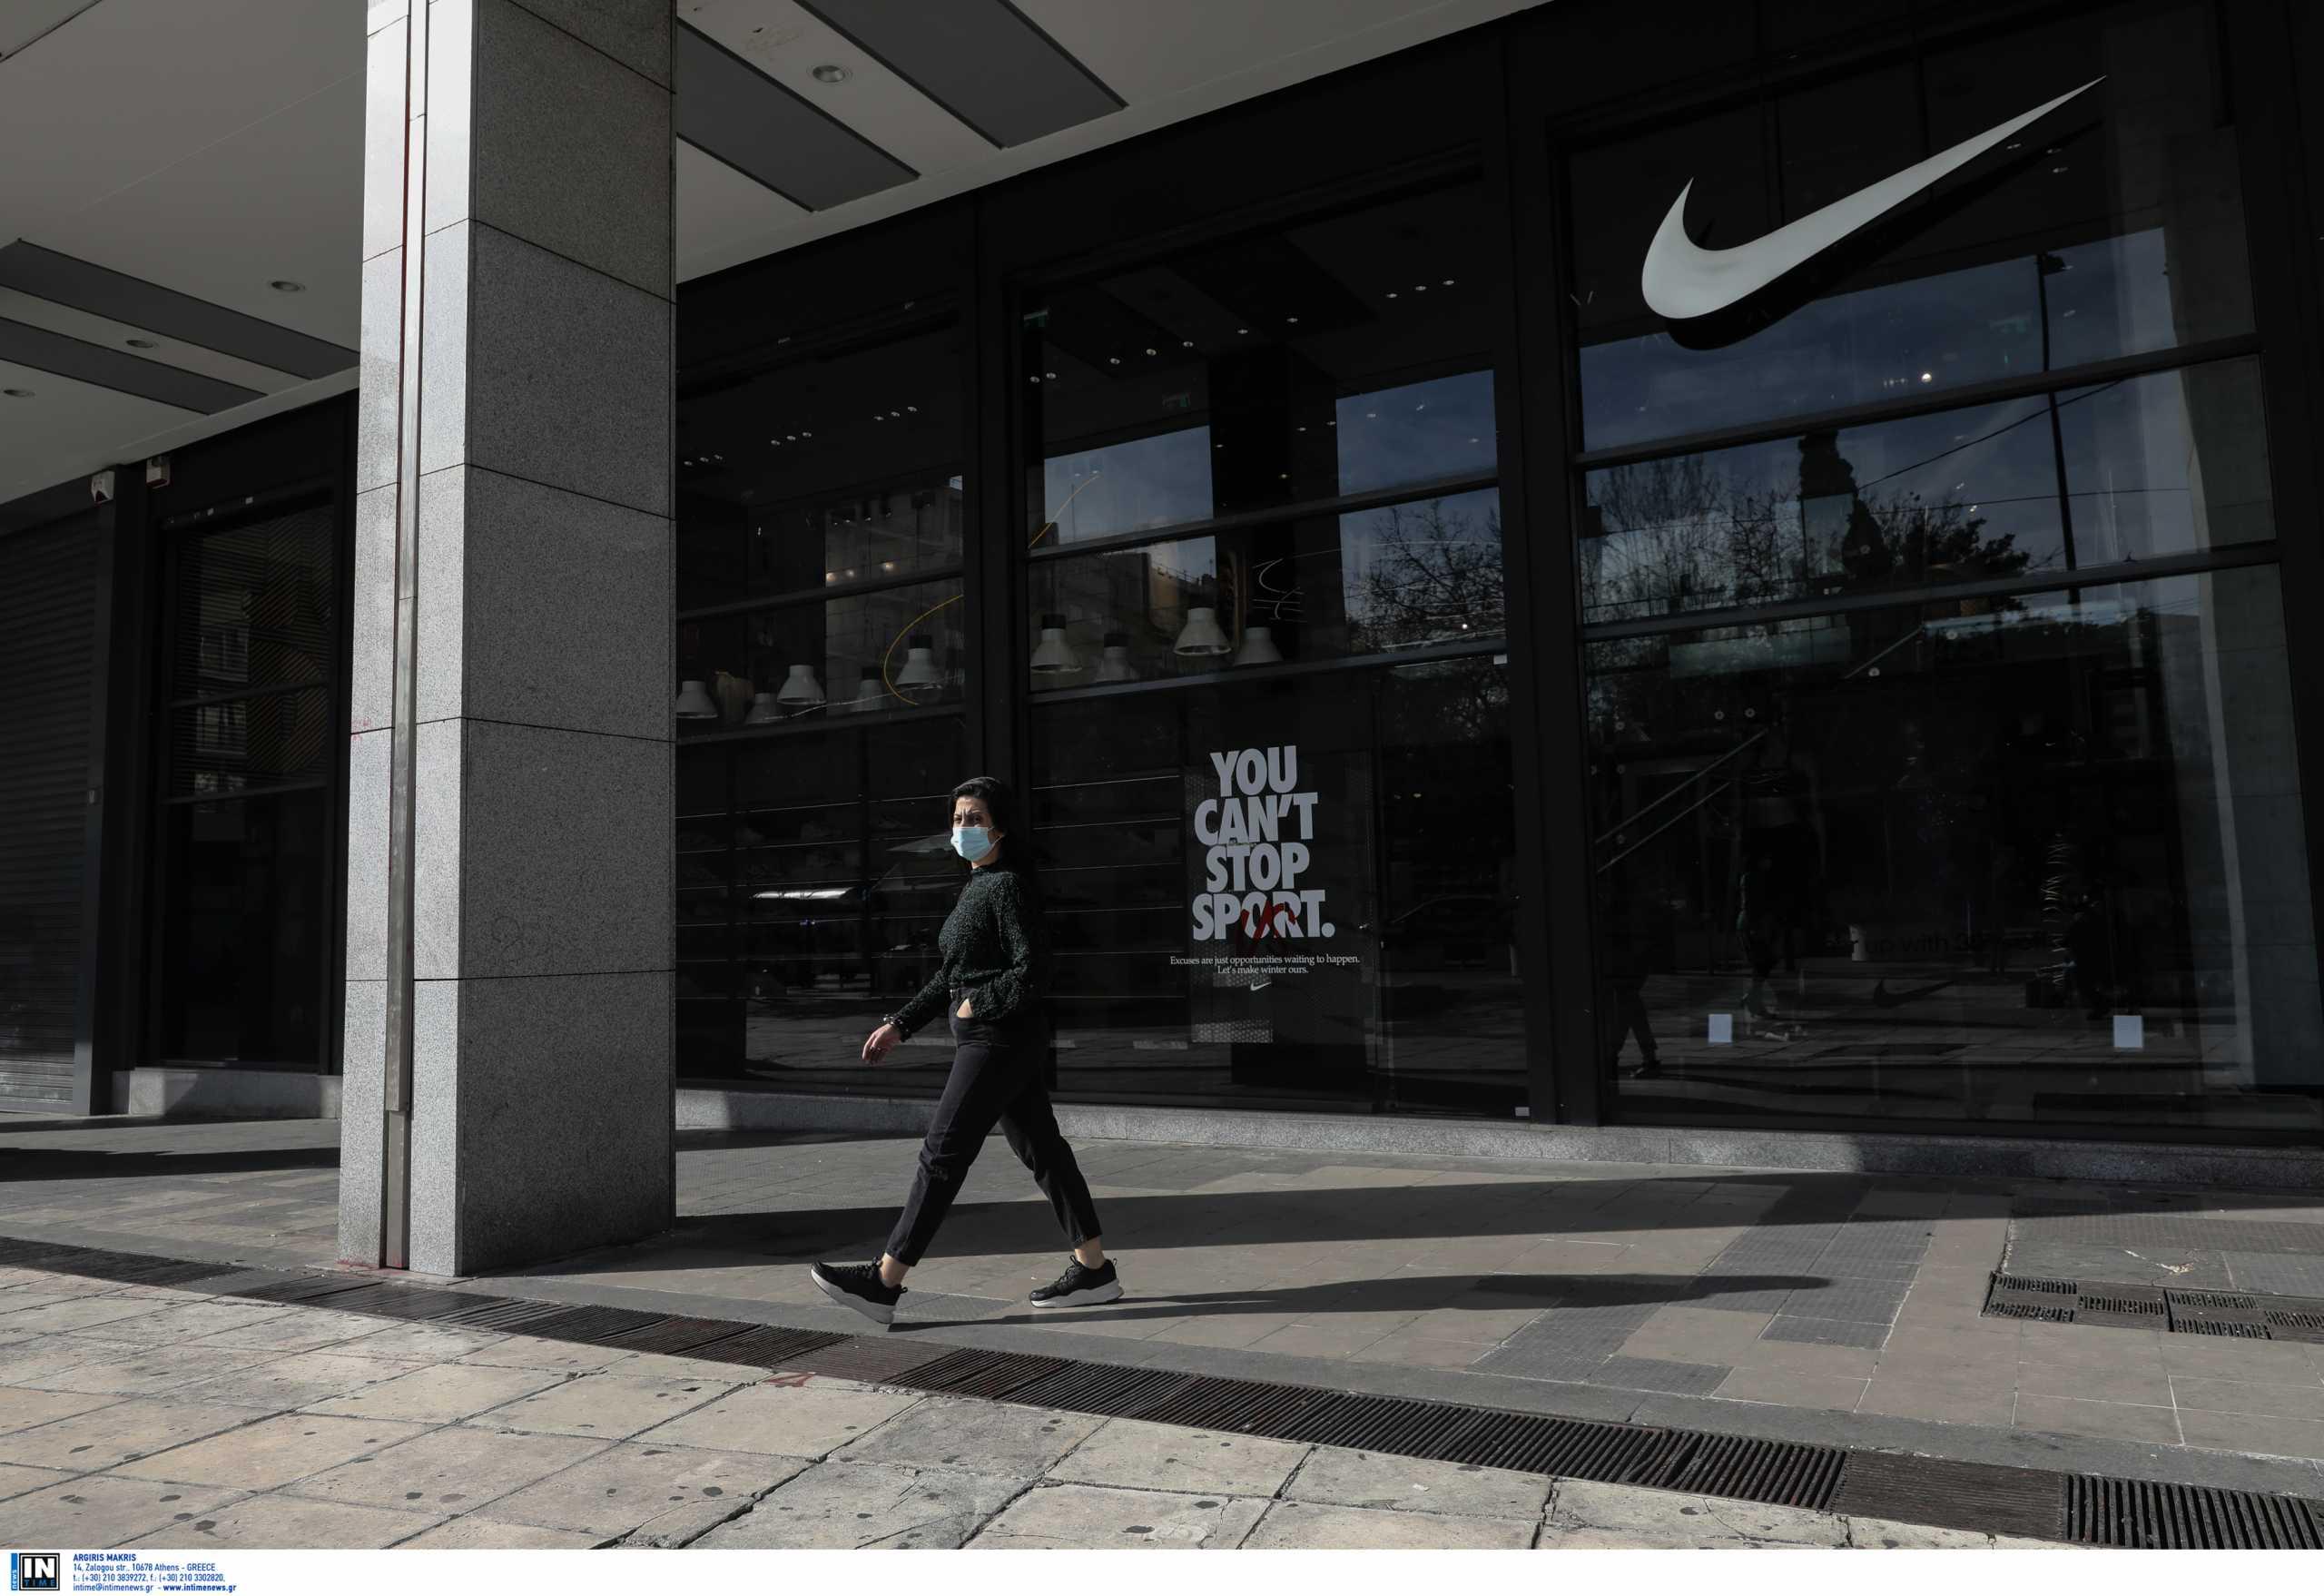 Έτσι θα μπορούν οι Έλληνες να αγοράζουν προϊόντα Nike